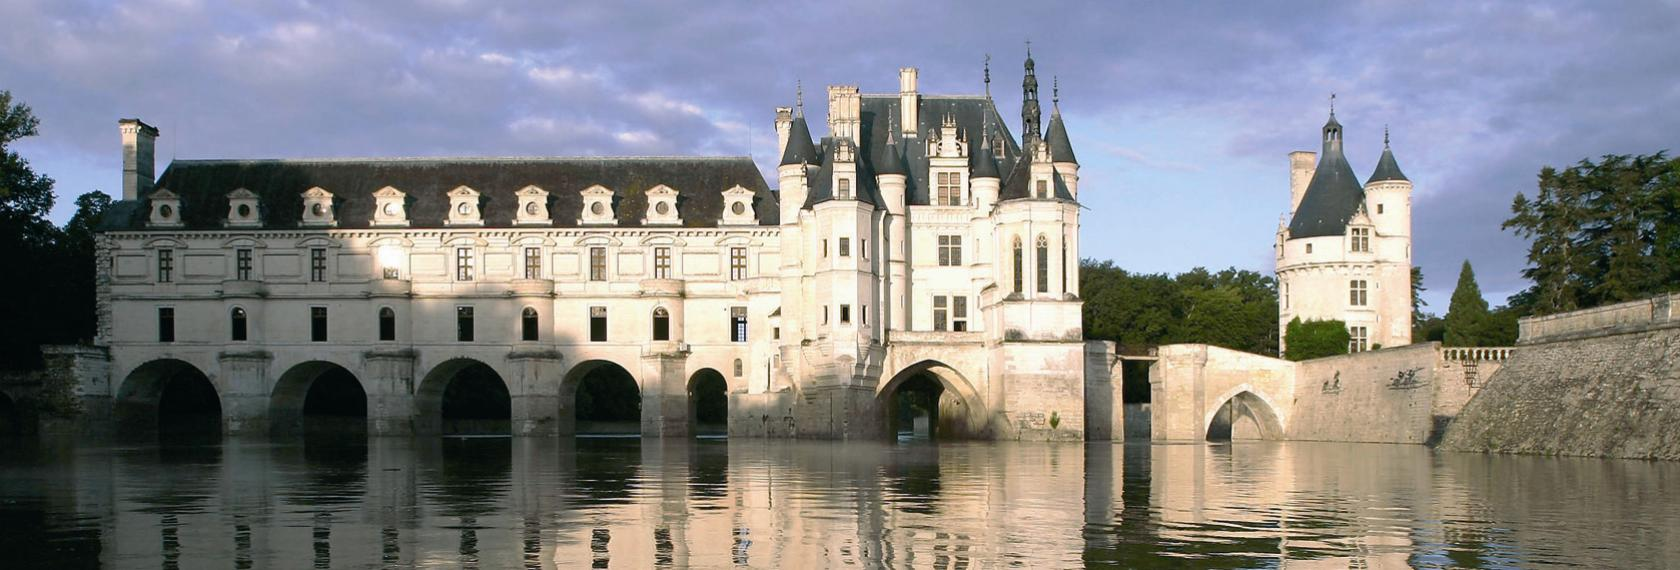 Sjours Chteaux De La Loire Visite Et Week End Aux Chteaux De La